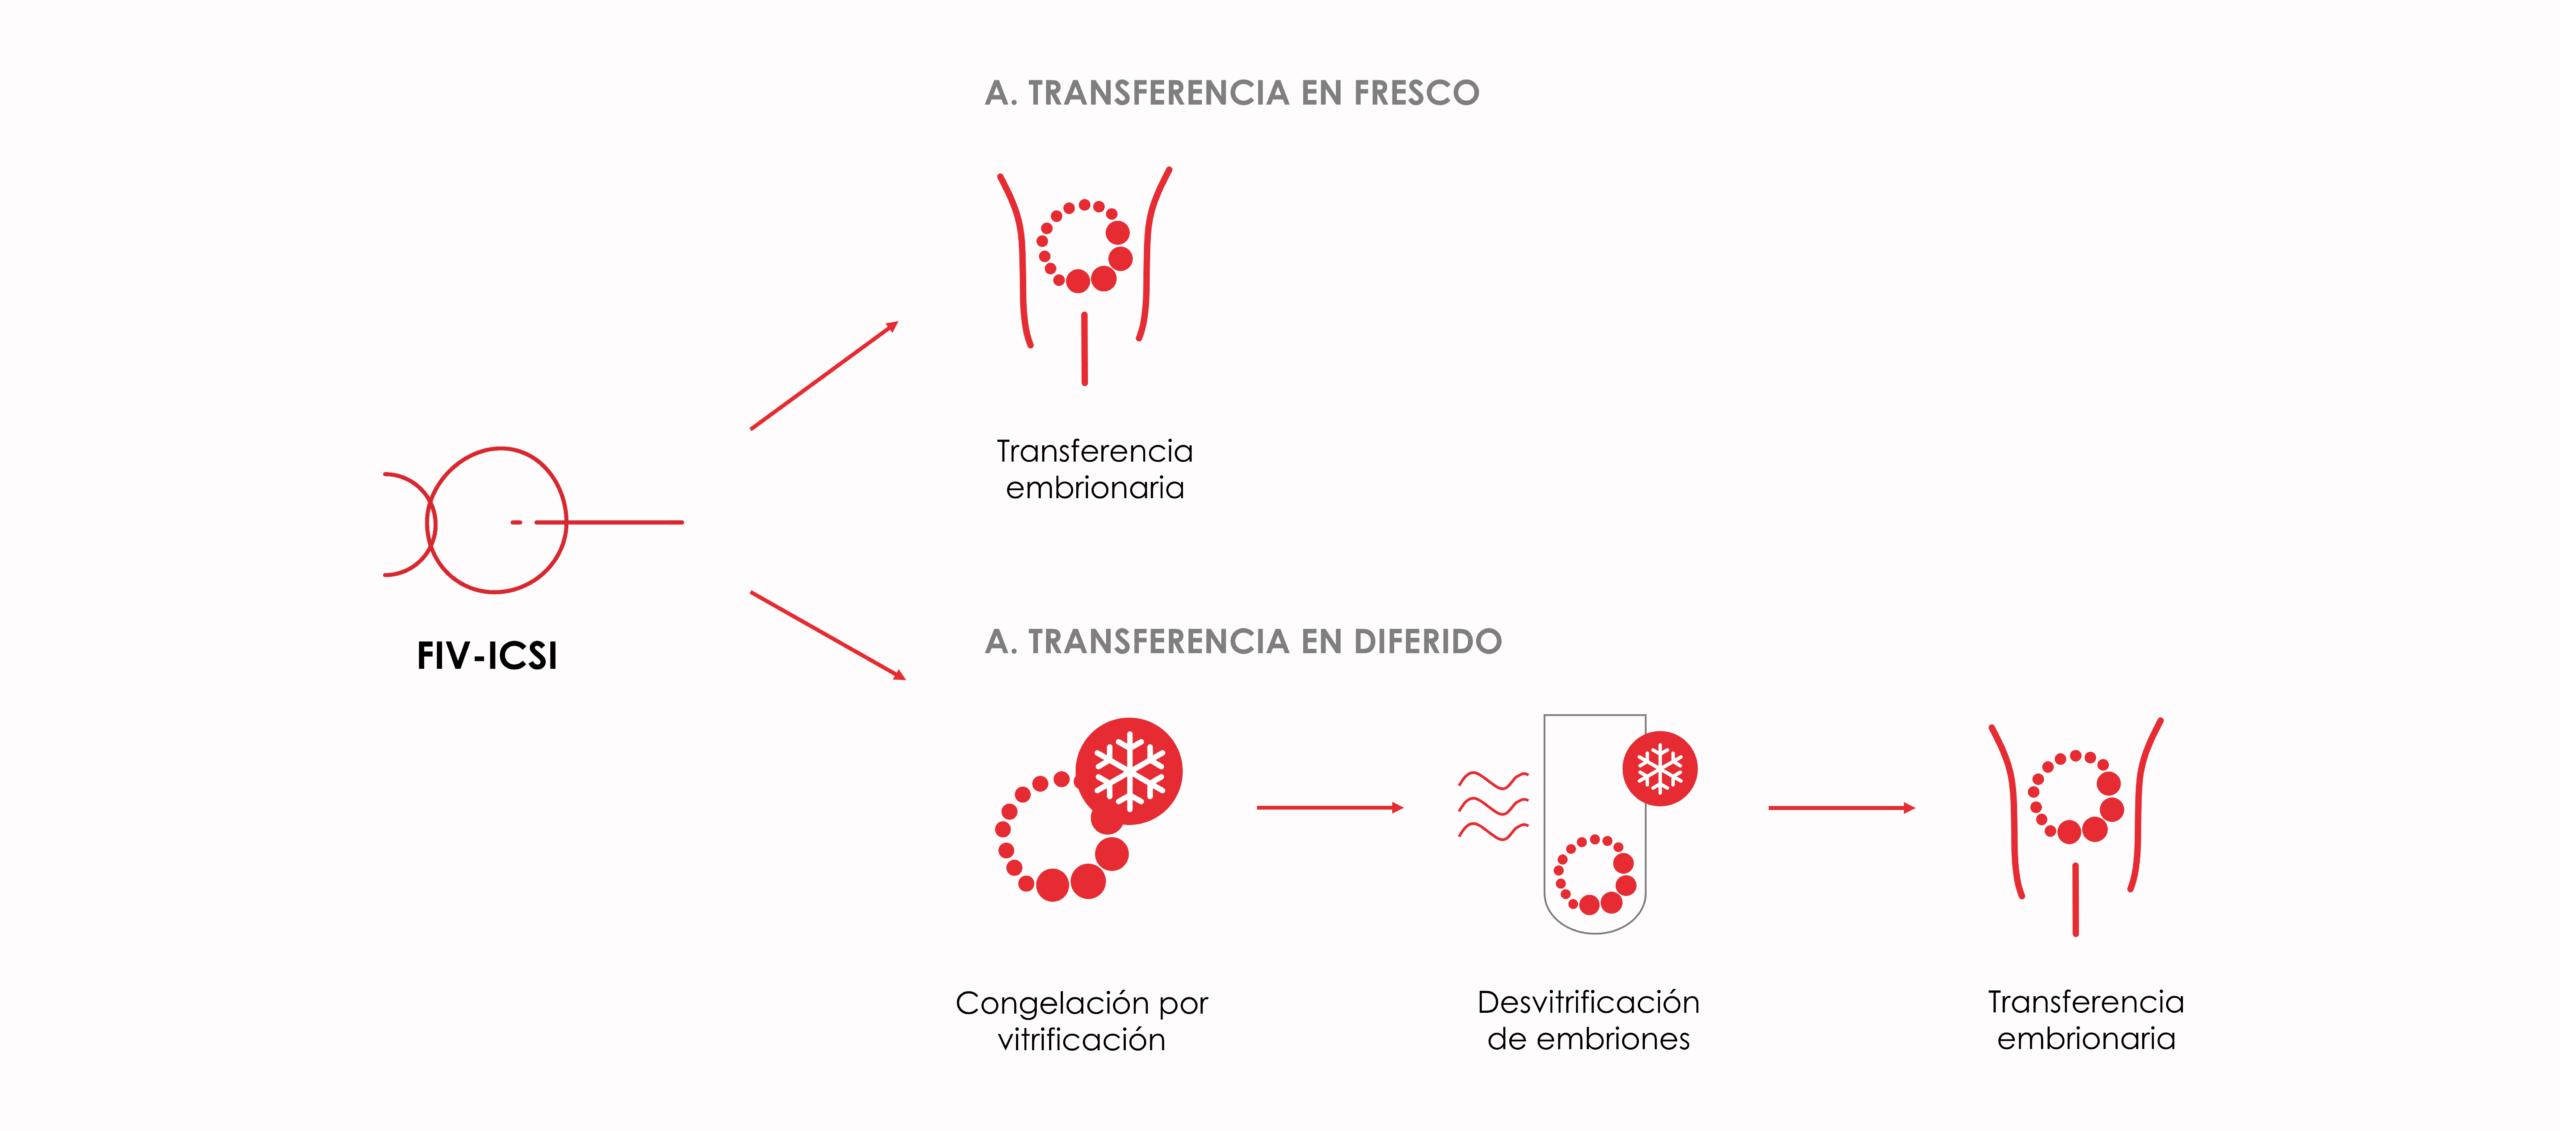 Diferencias entre transferencia en fresco y transferencia en diferido